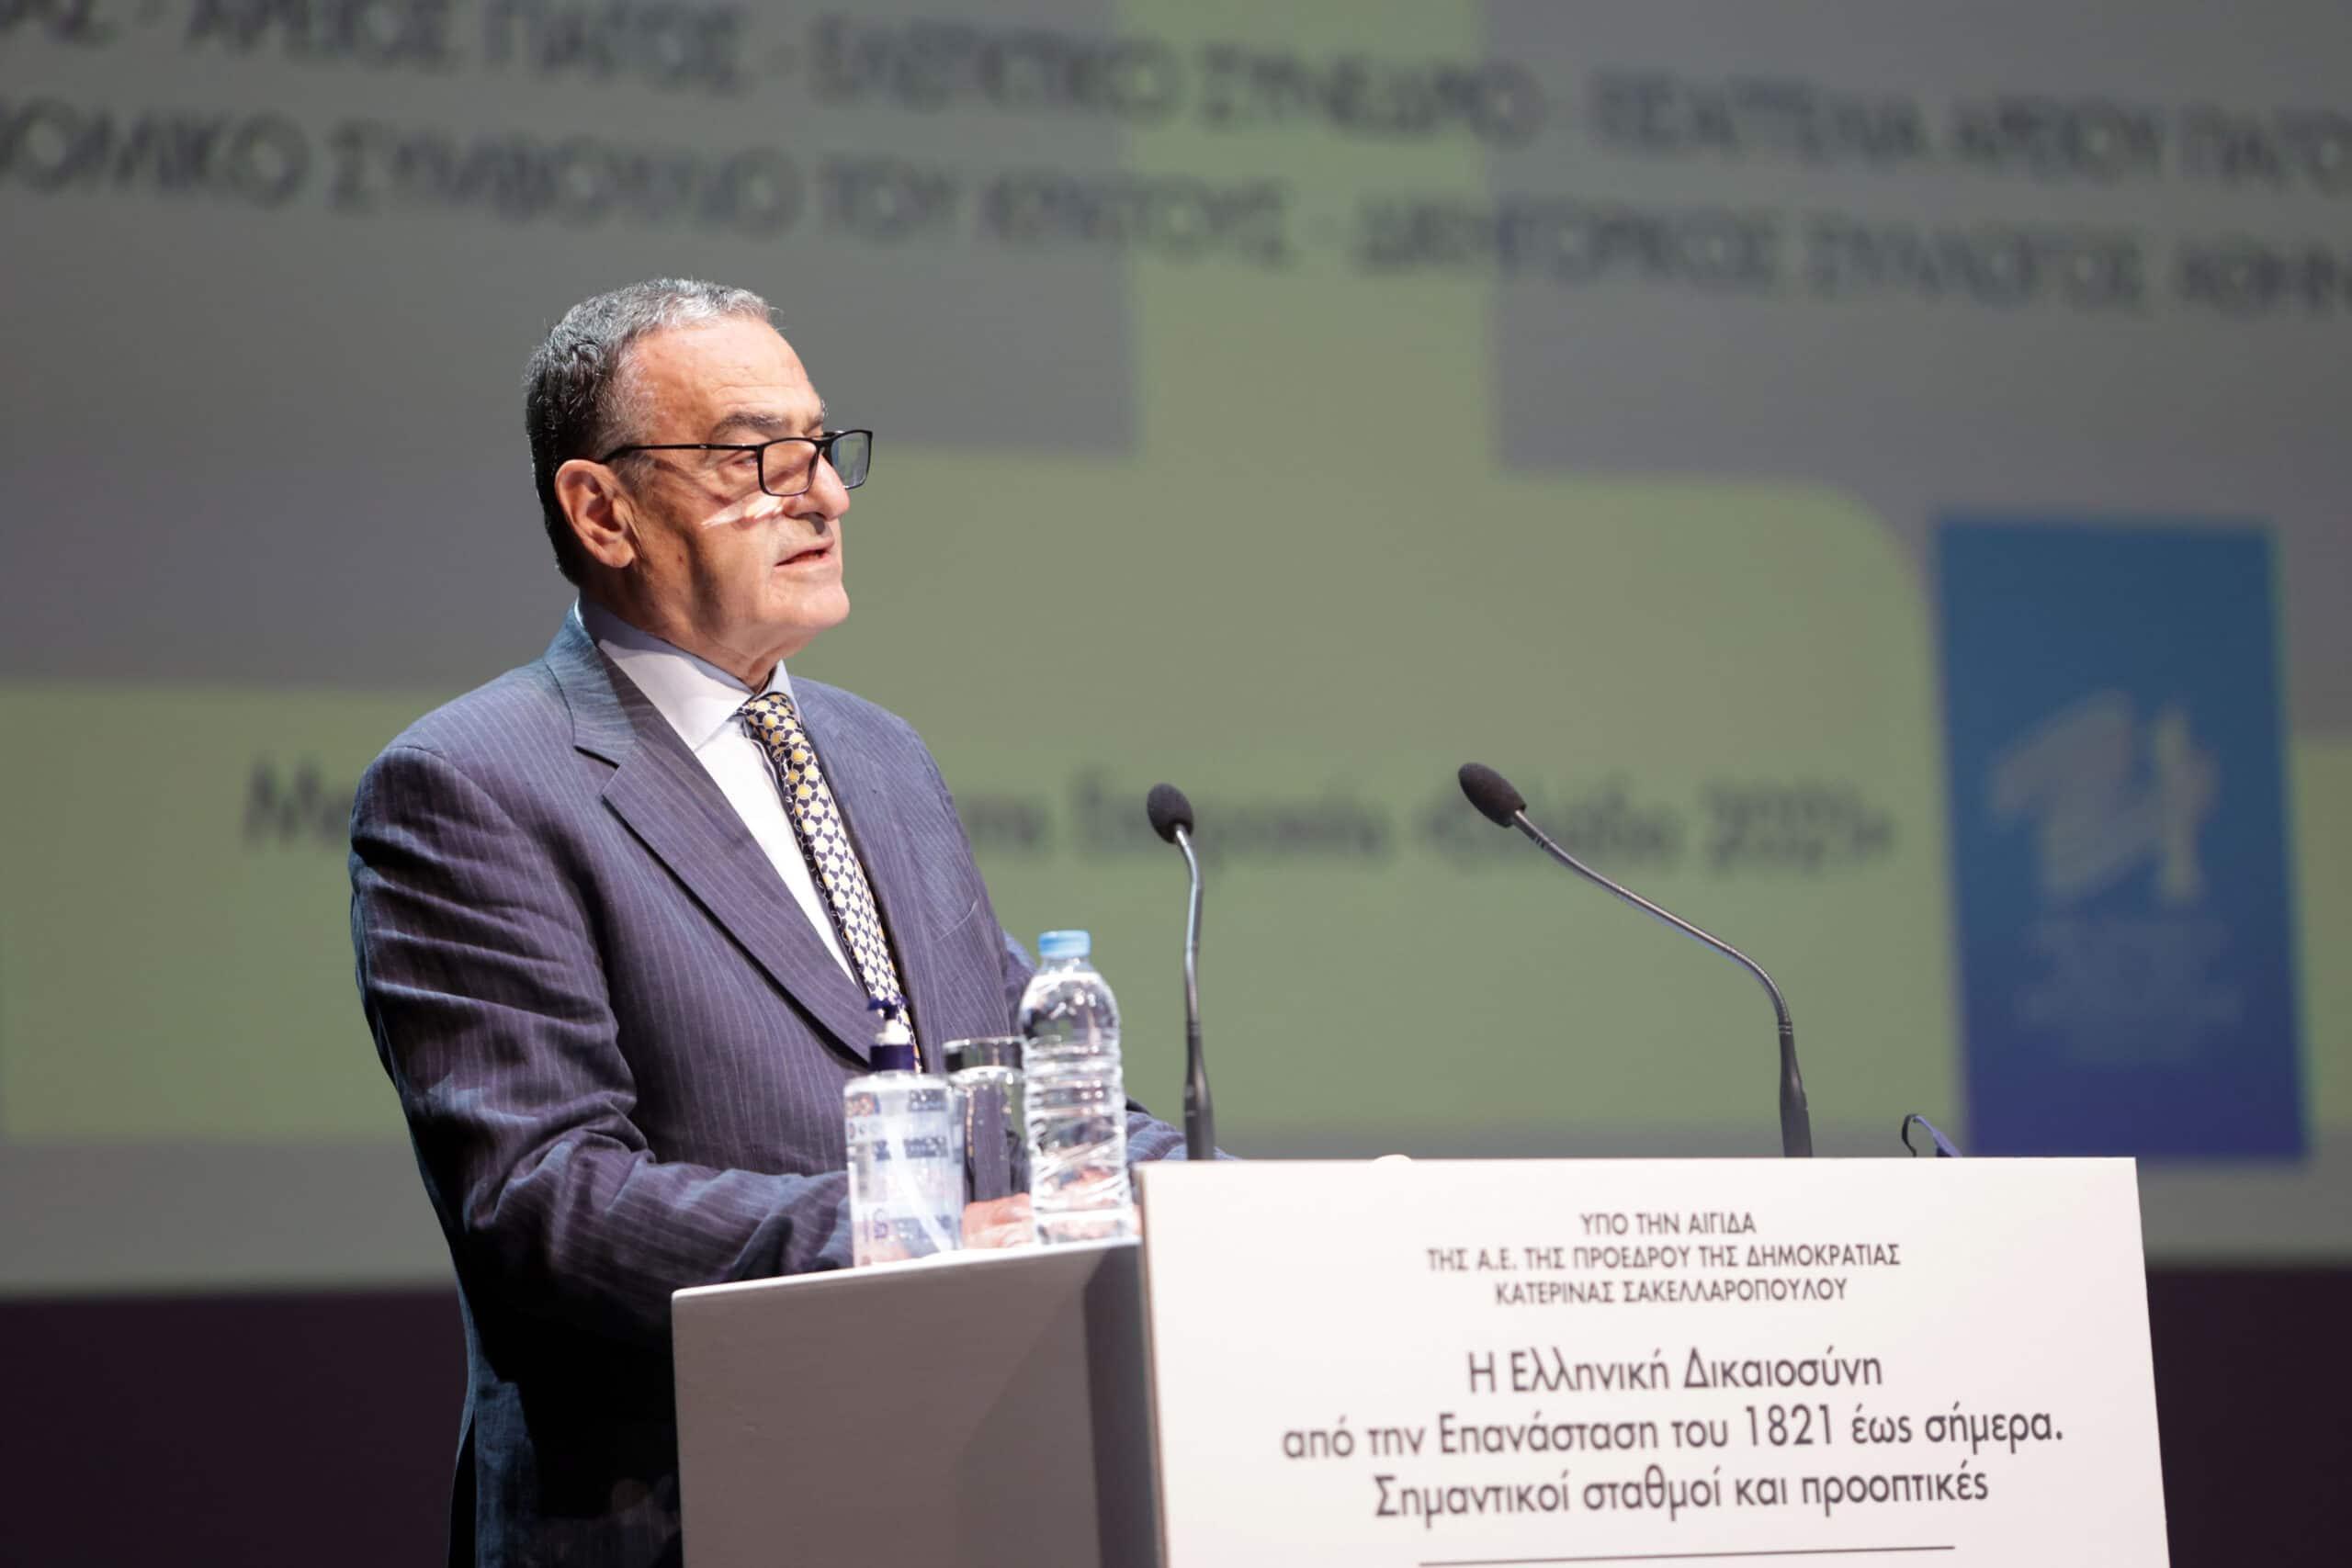 Ο Χαρ. Αθανασίου εκπροσώπησε την Ελληνική Κυβέρνηση στο διήμερο συνέδριο που διοργάνωσαν τα ανώτατα Δικαστήρια της χώρας και ο Δικηγορικός Σύλλογος Αθηνών